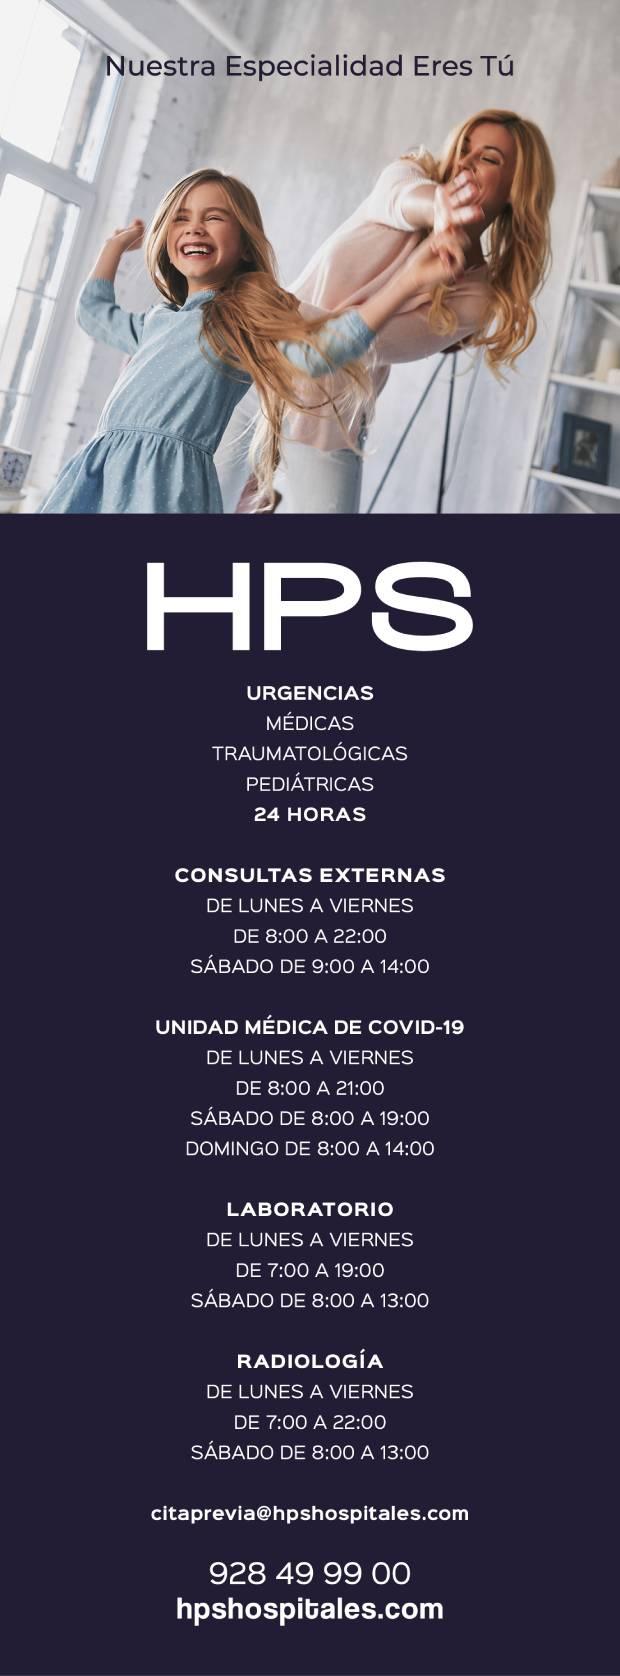 HPS Información